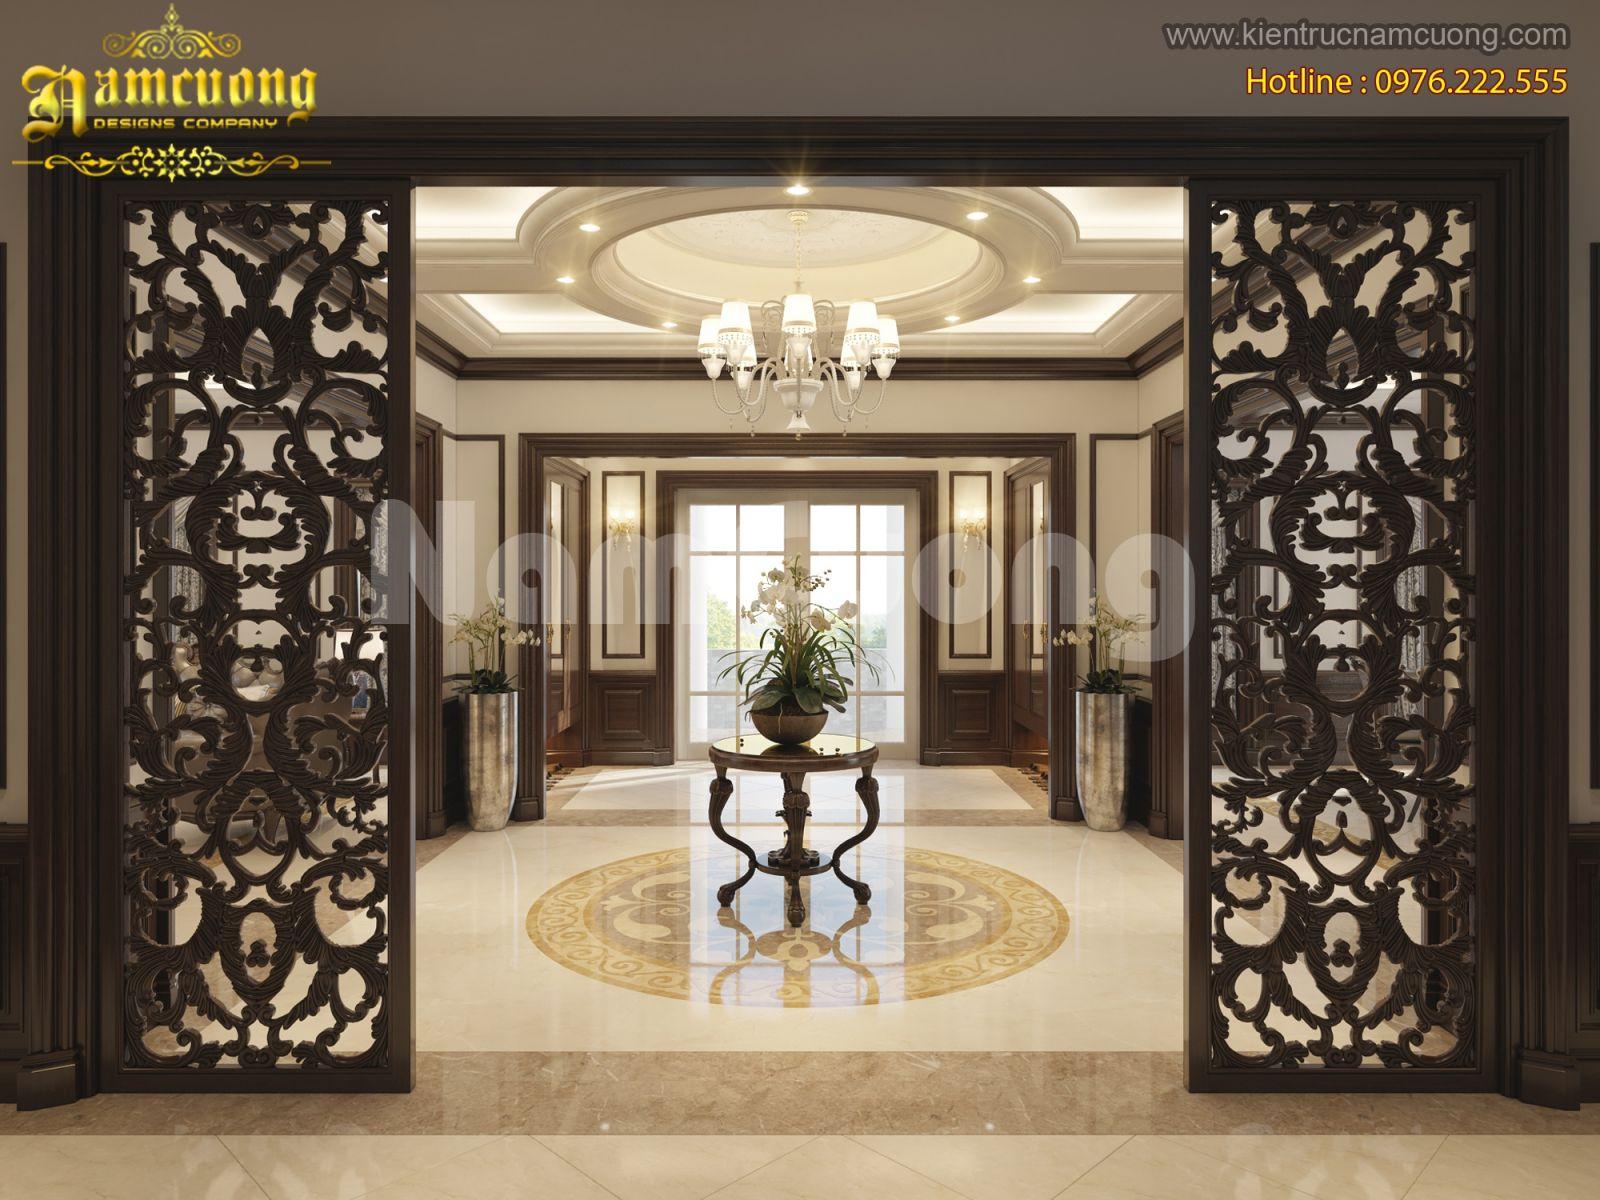 Nội thất biệt thự tân cổ điển Á Đông tại Hà Nội - NTBTCD 051